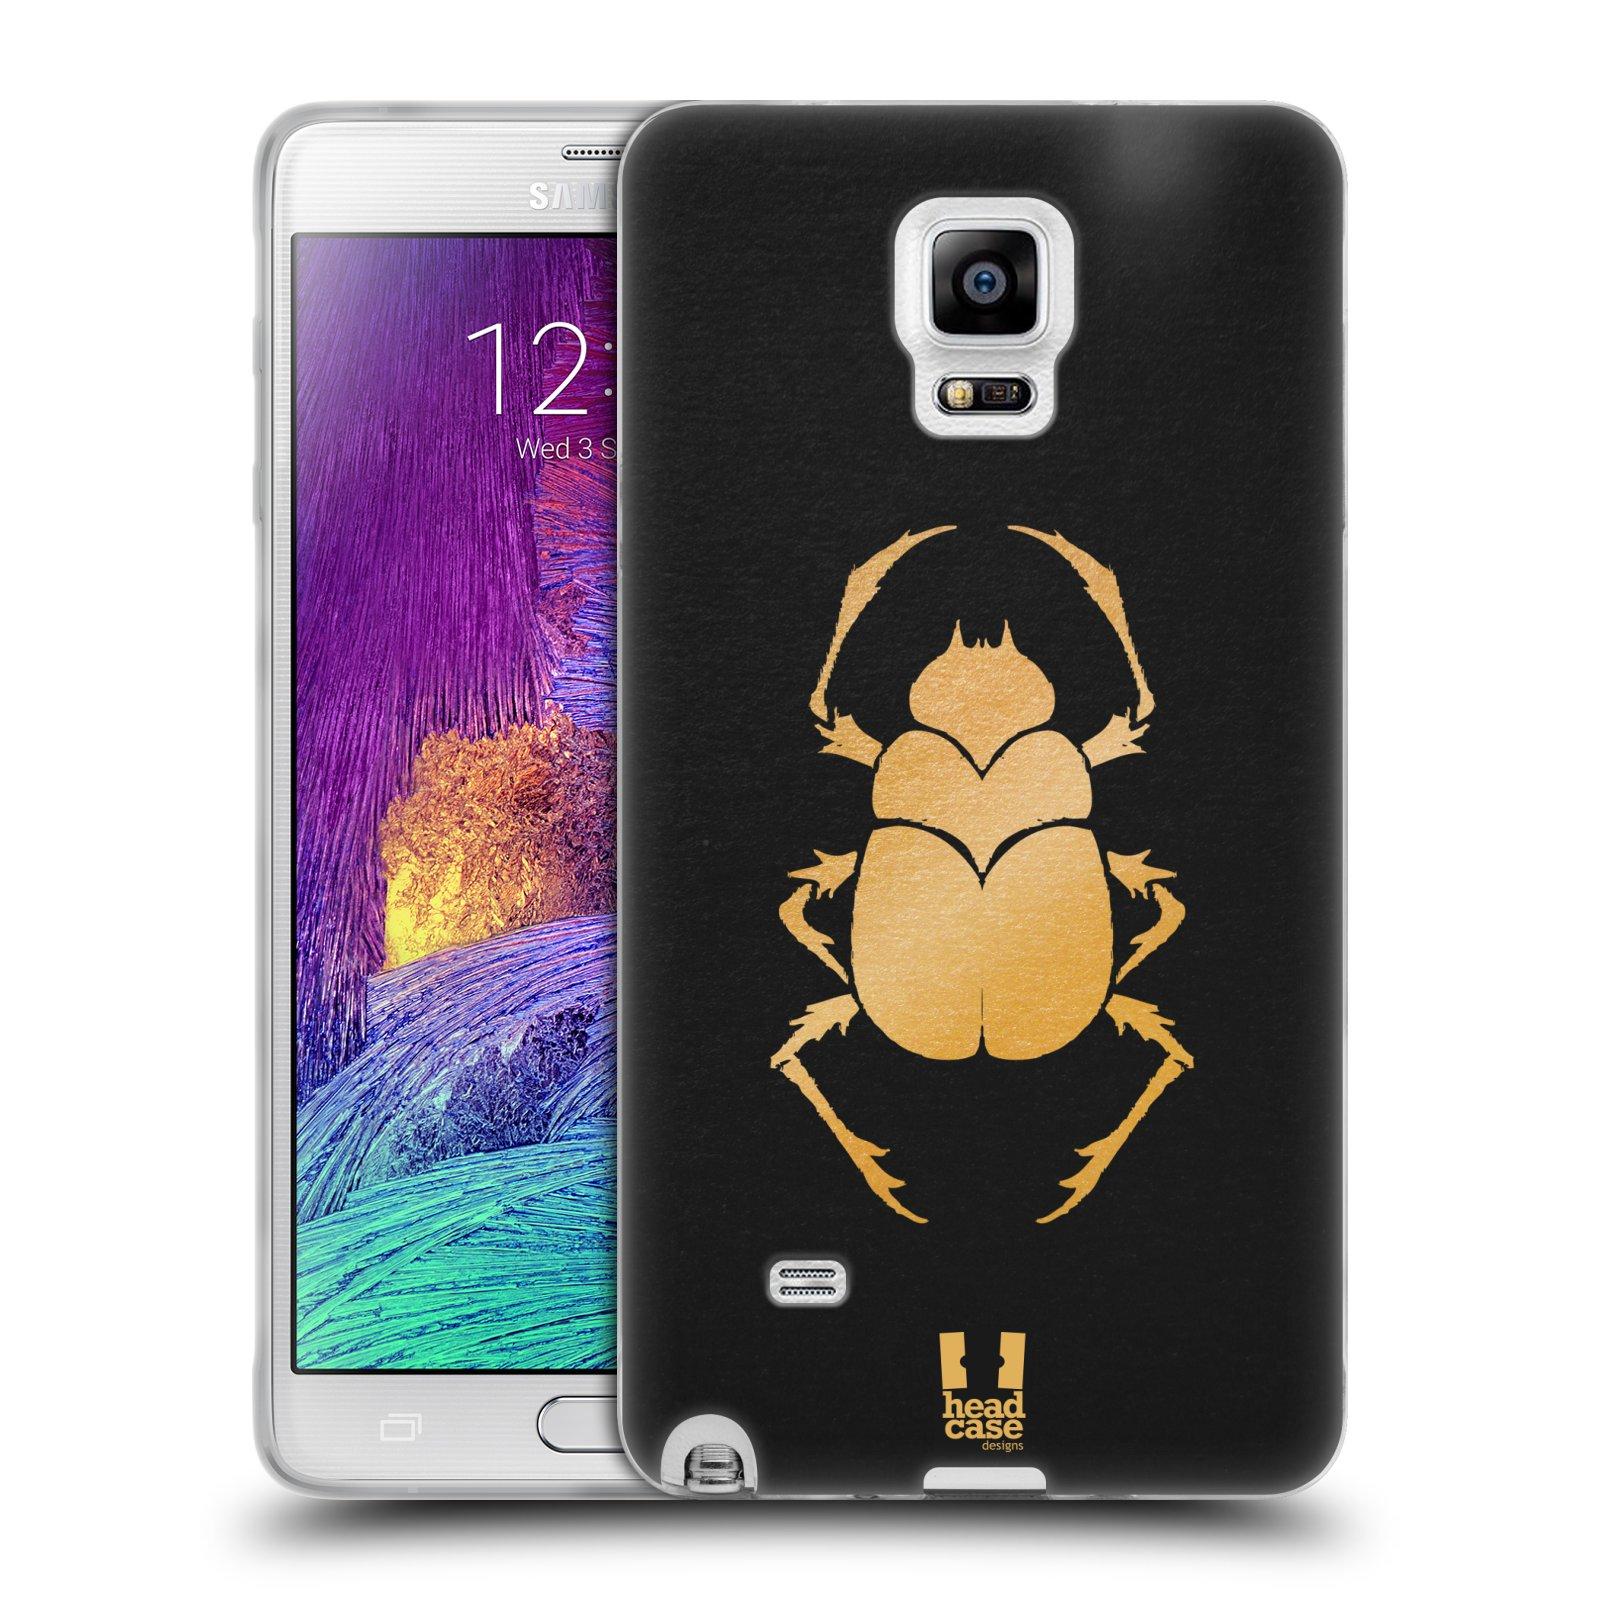 HEAD CASE silikonový obal na mobil Samsung Galaxy Note 4 (N910) vzor EGYPT zlatá a černá BROUK SKARAB